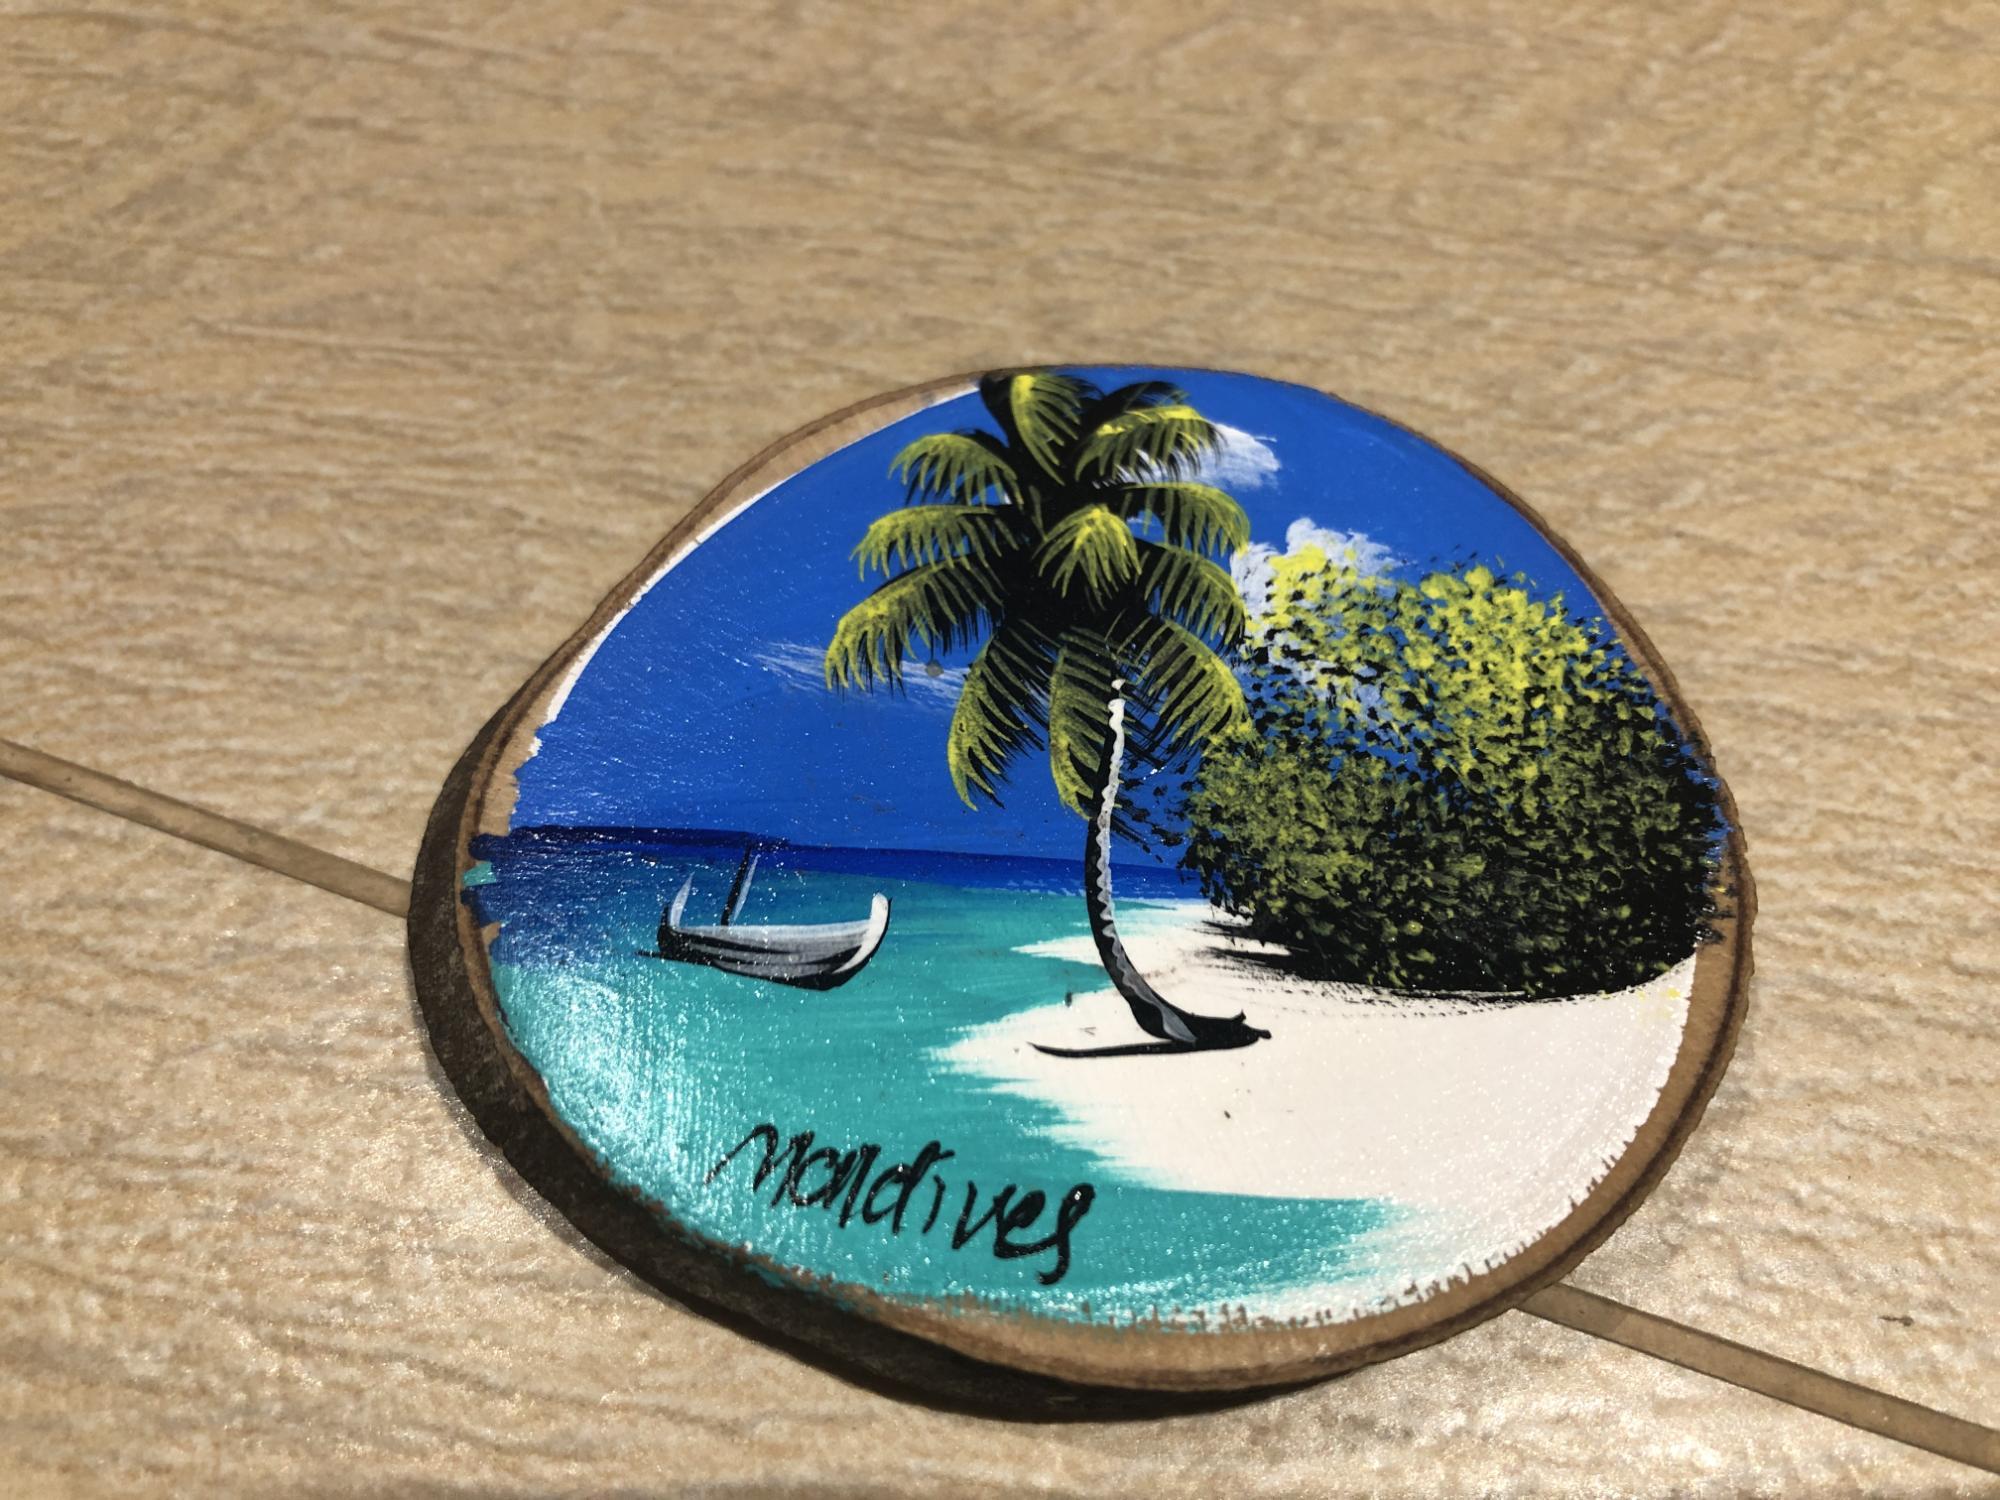 [몰디브] 3박 4일 가족여행 경비 정리!! w 몰디브 기념품